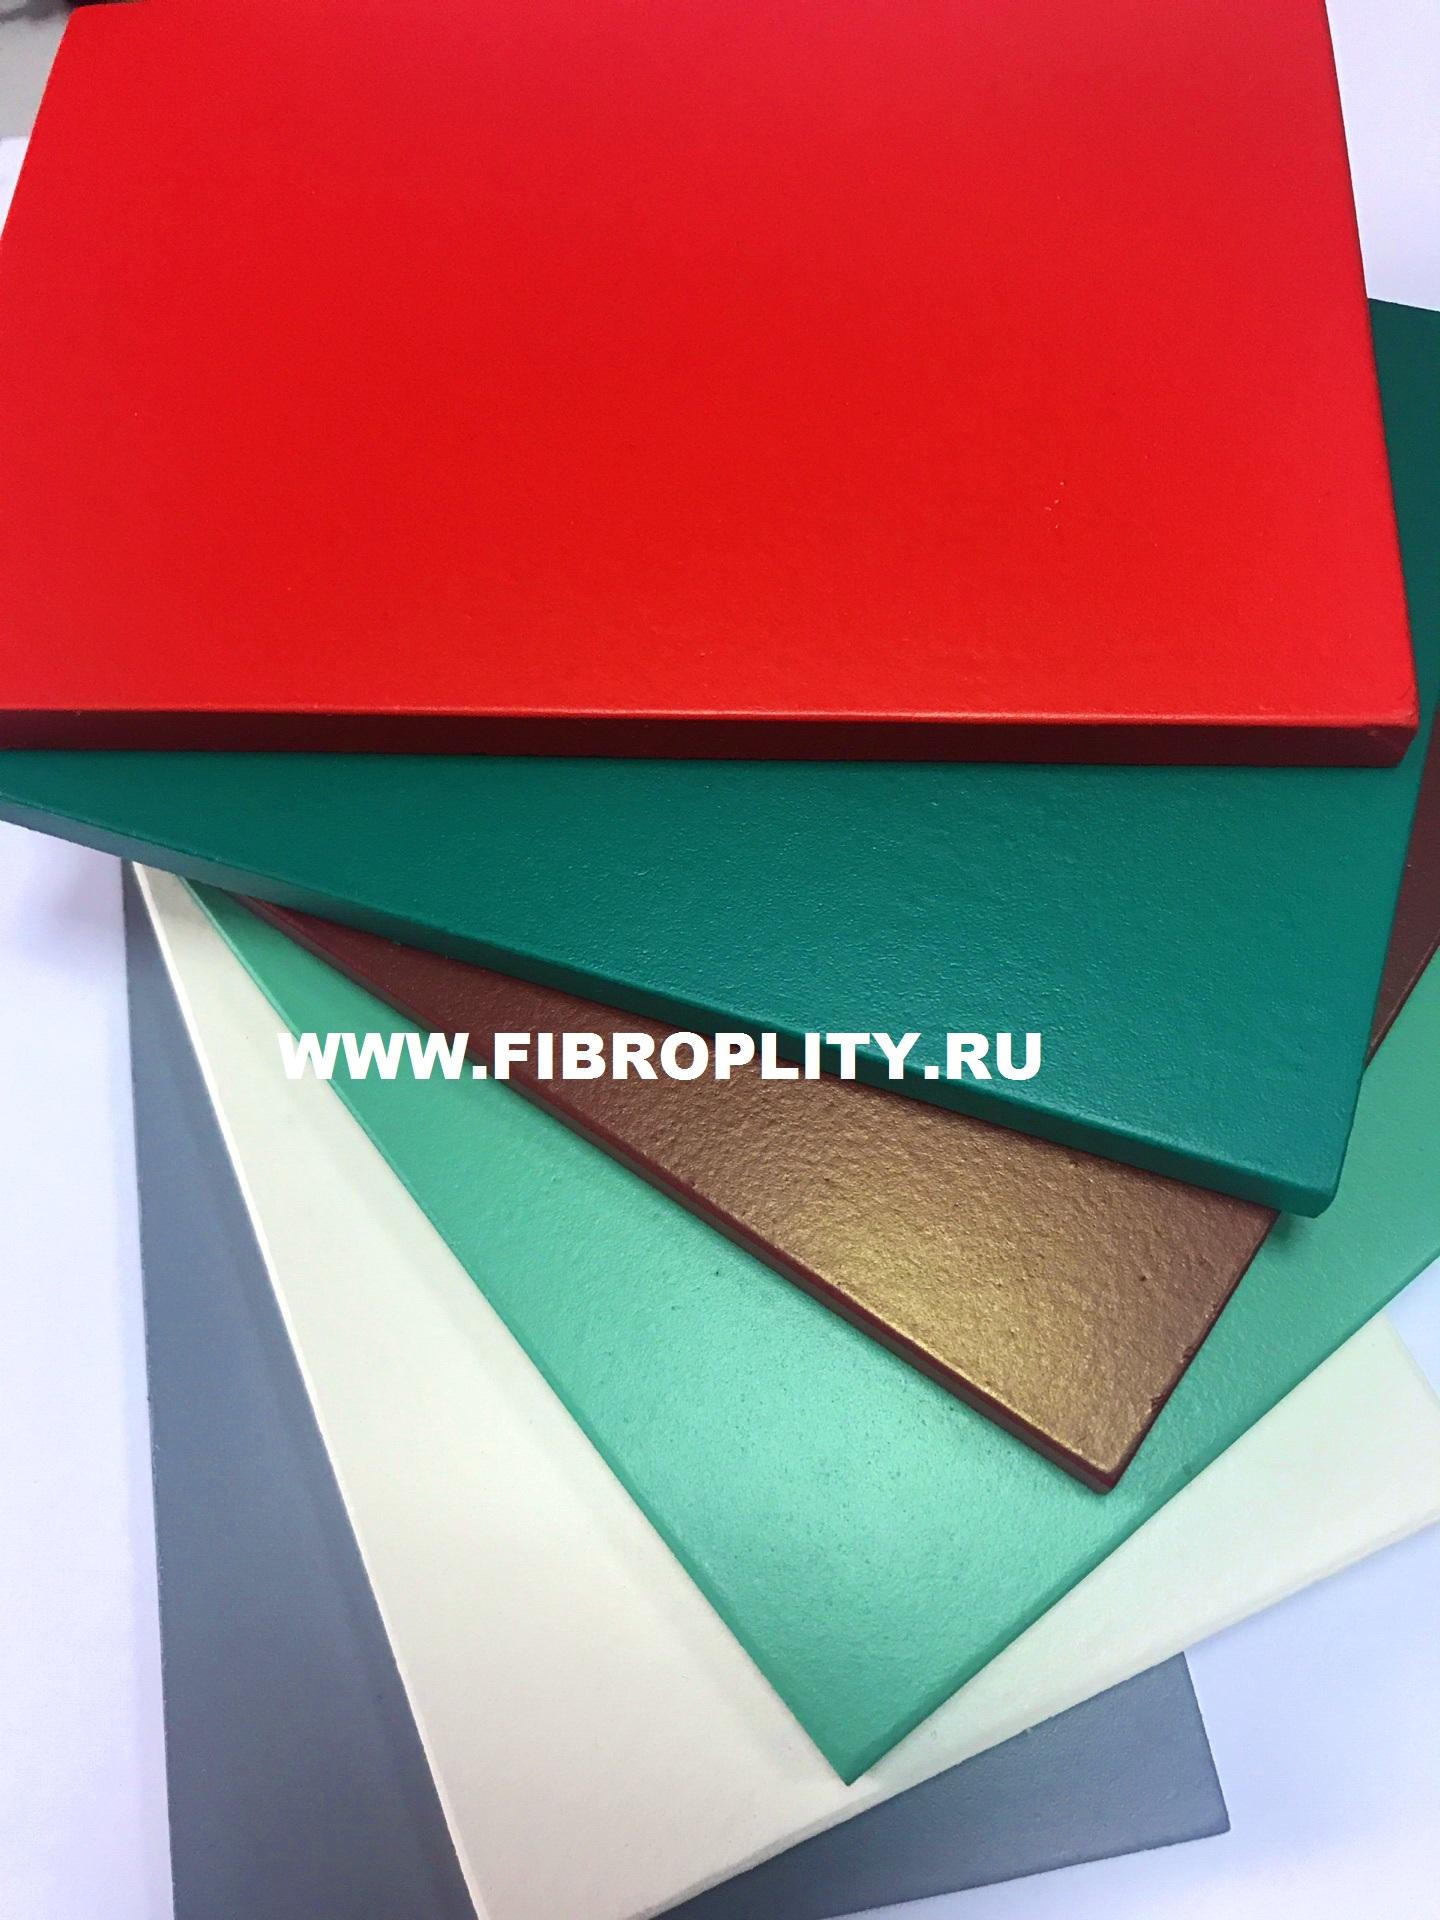 Фиброцементные плиты антивандальные с полиуретановым покрытием.